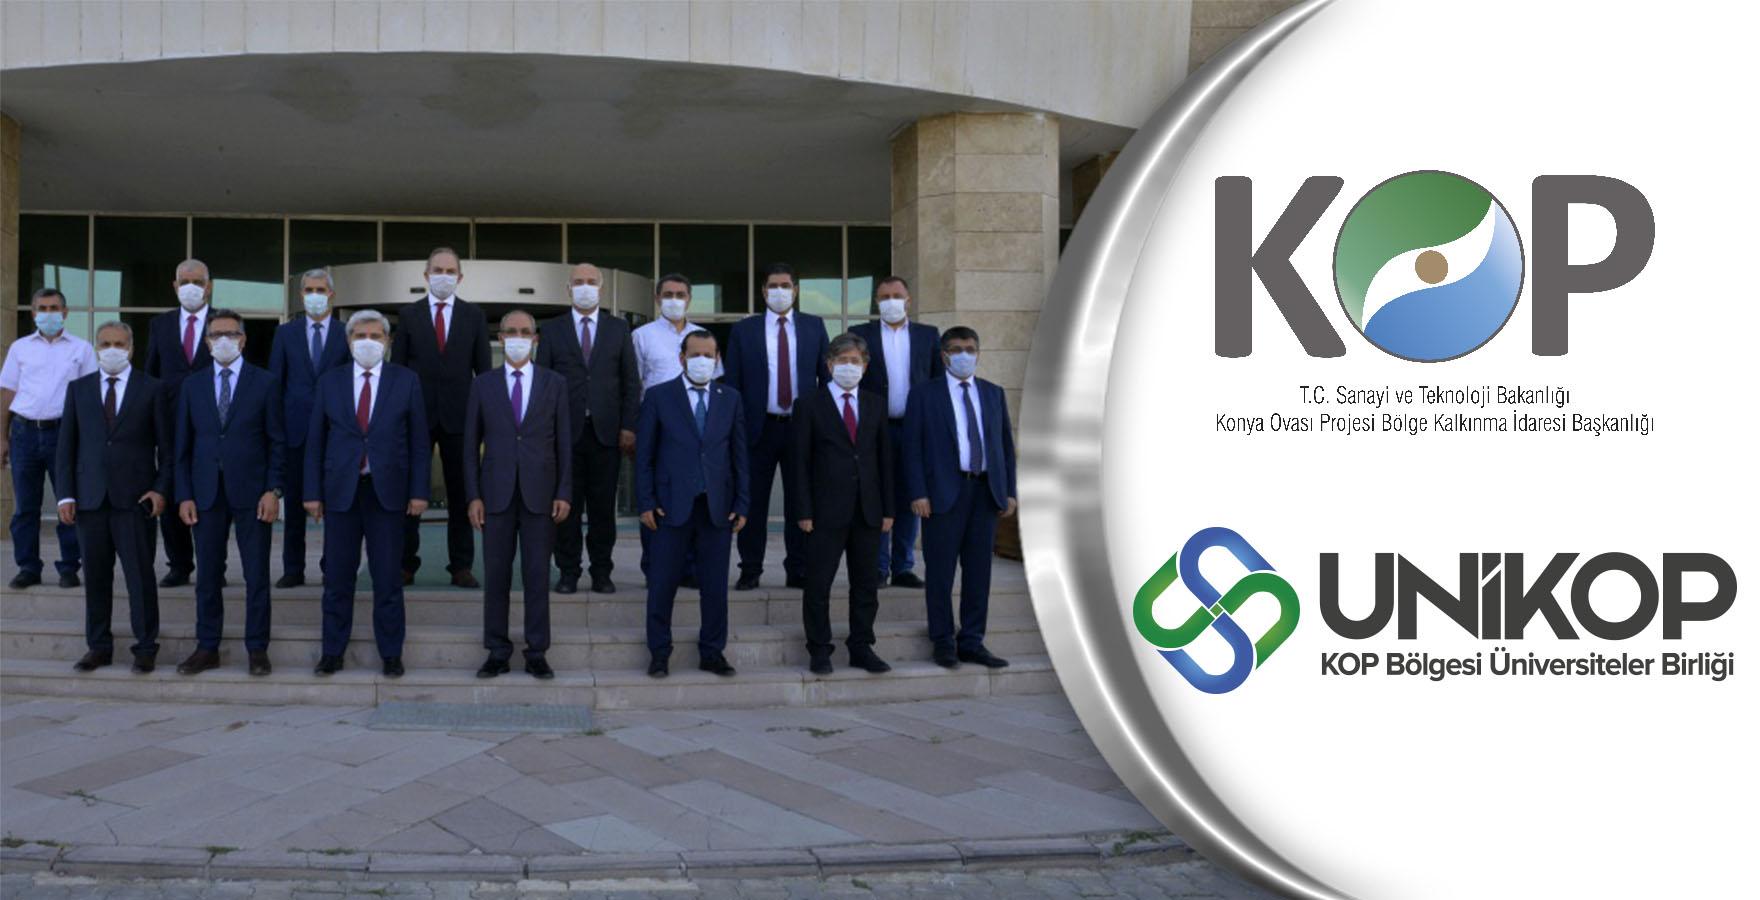 KOP Bölgesi Üniversiteler Birliği Kırşehir'de Toplandı